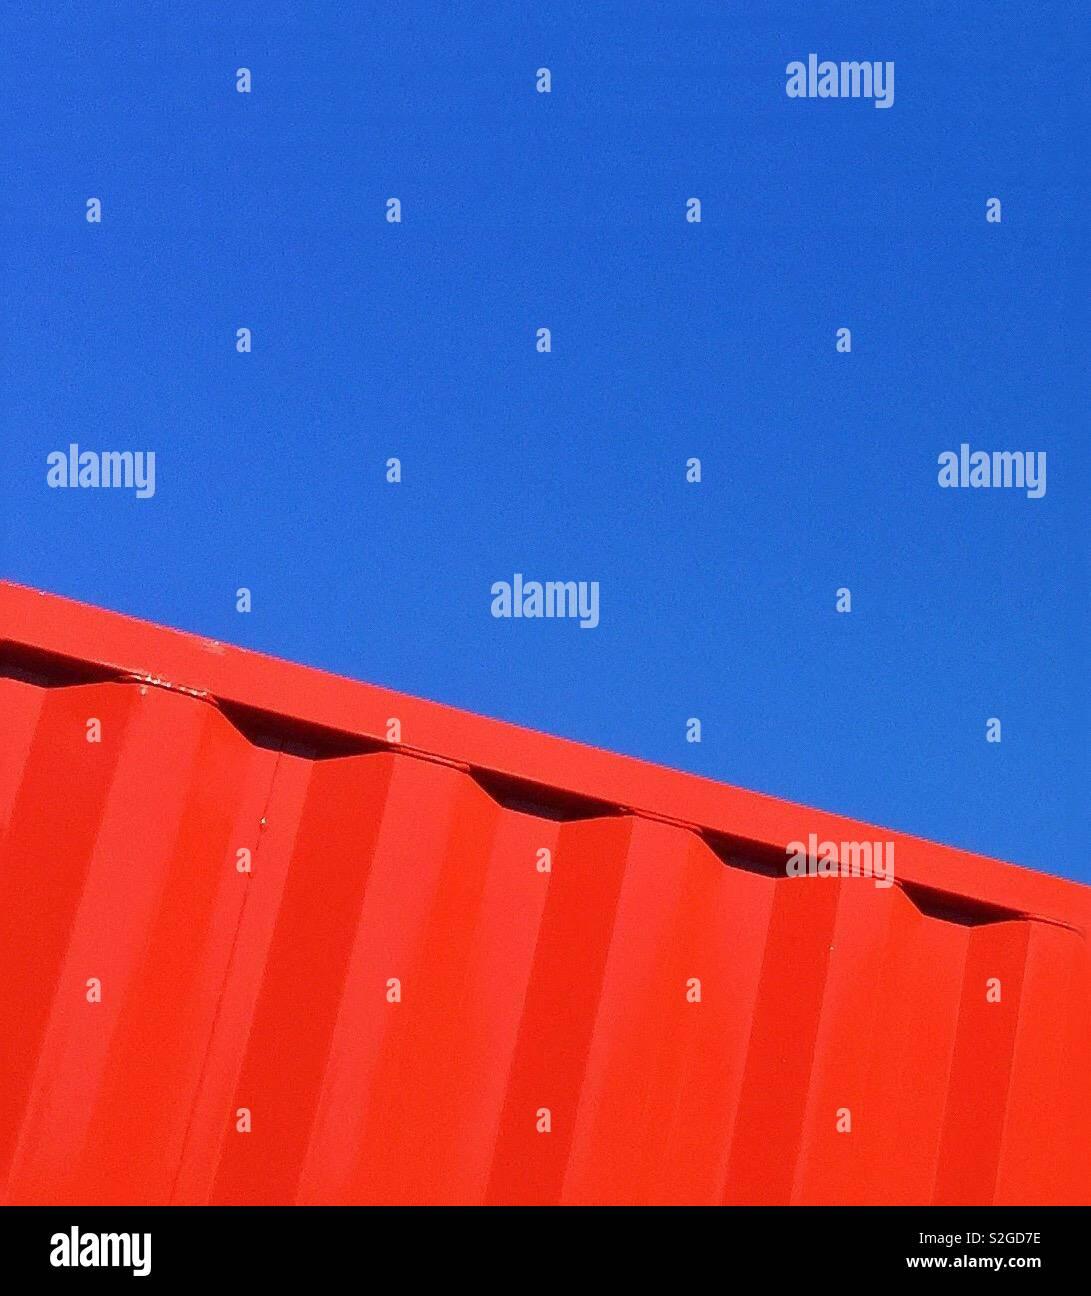 Abstrakt rot und blau Stockfoto